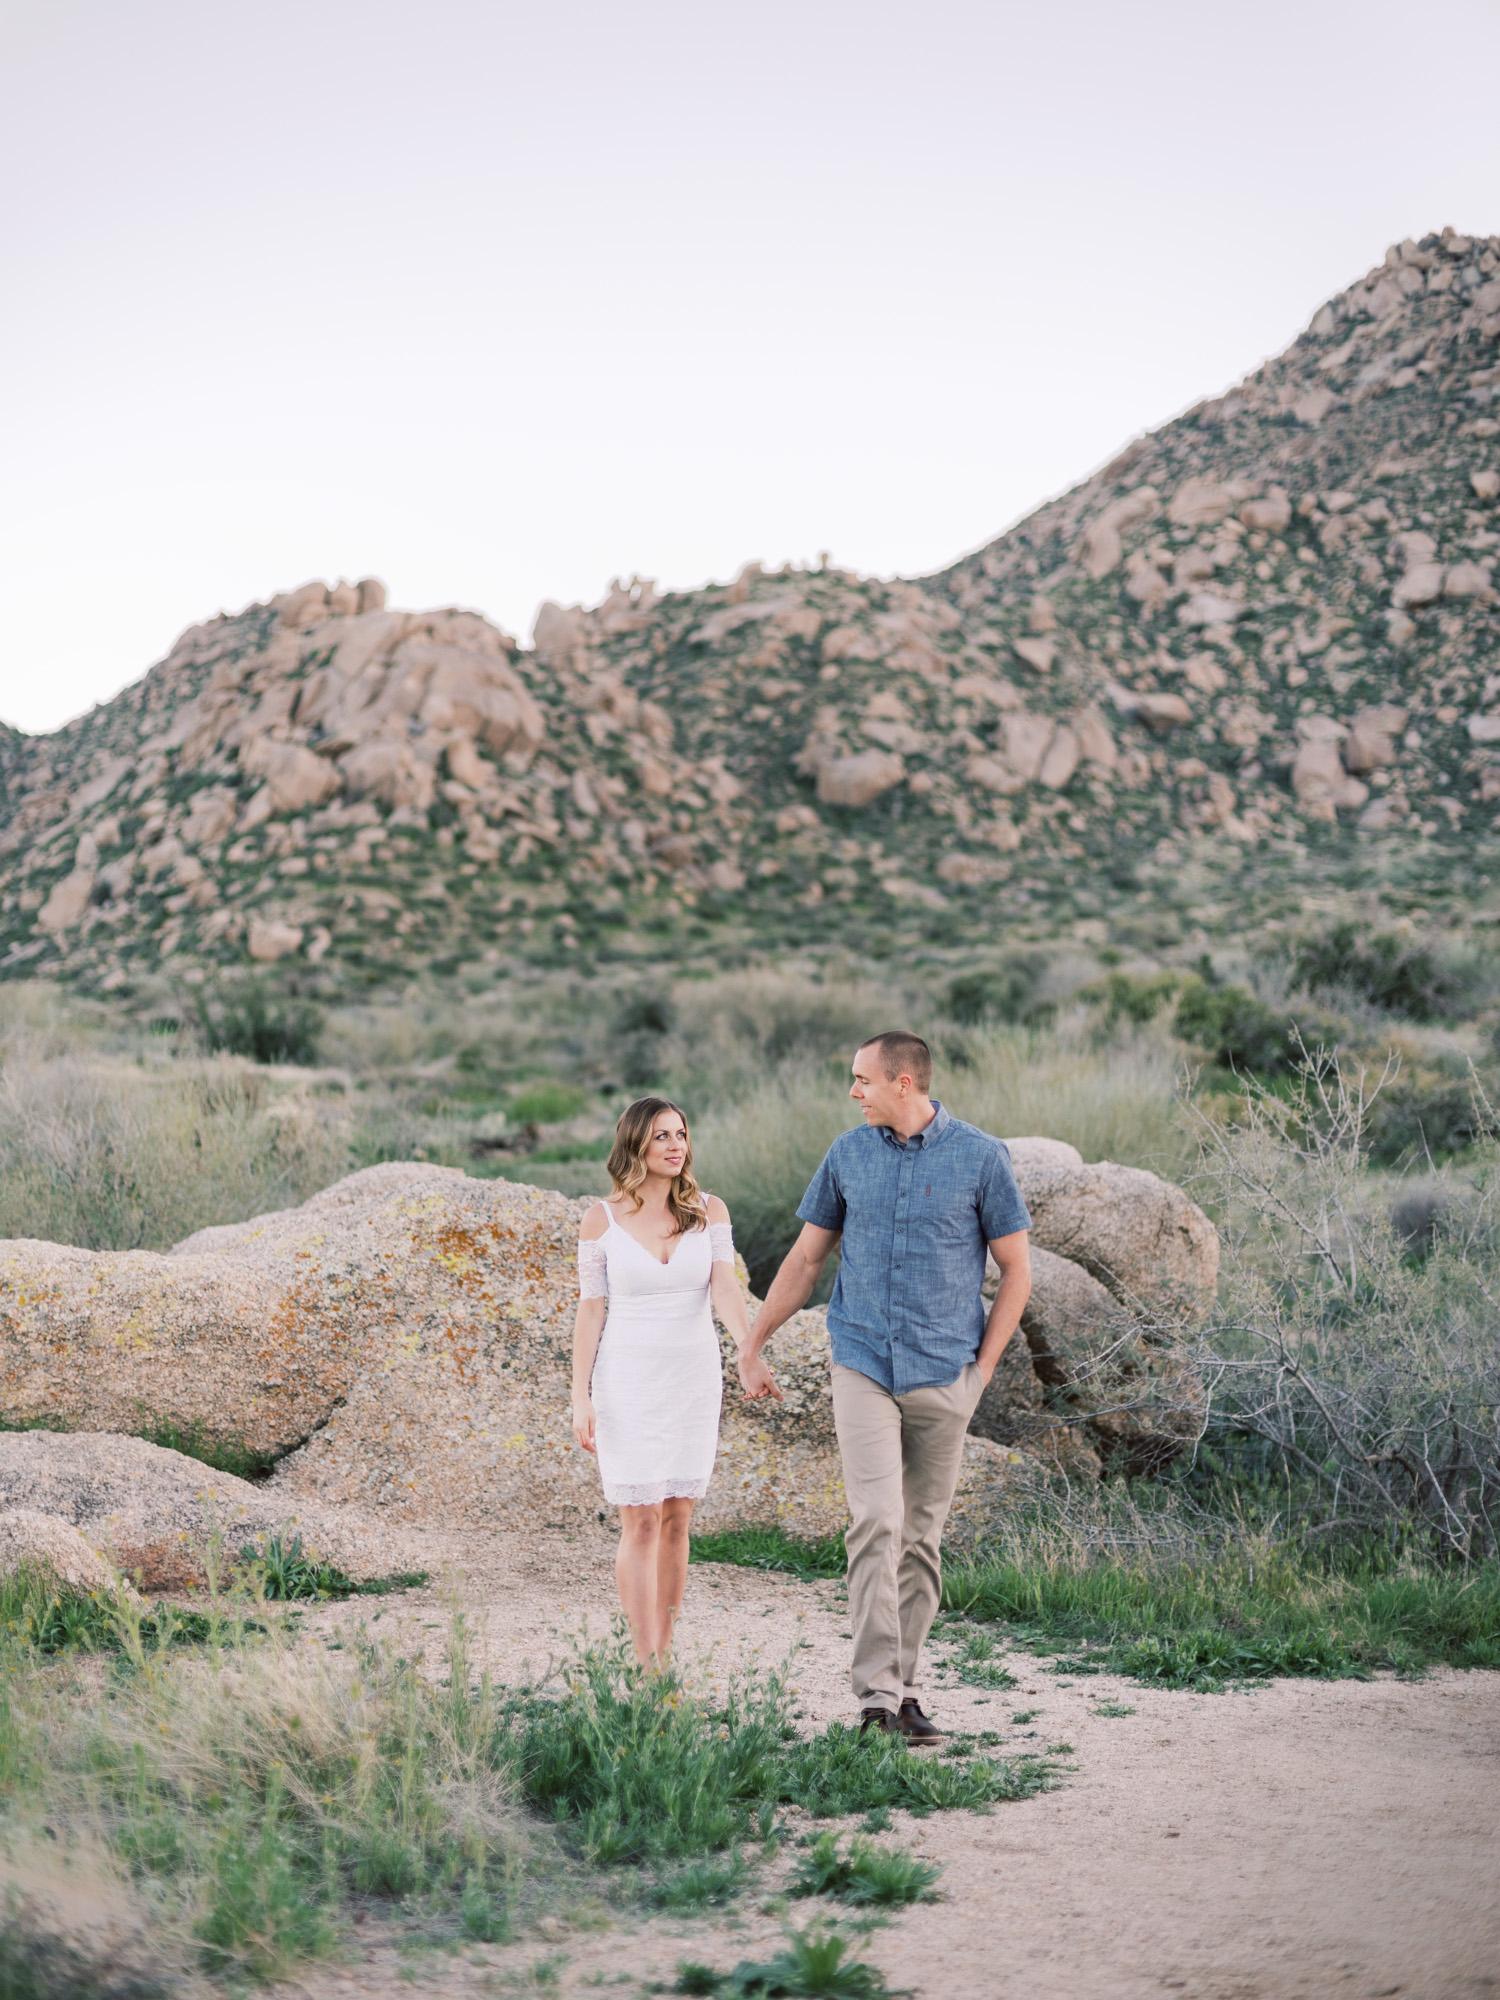 desert-scottsdale-engagement-photographer-brealyn-nenes-040.JPG